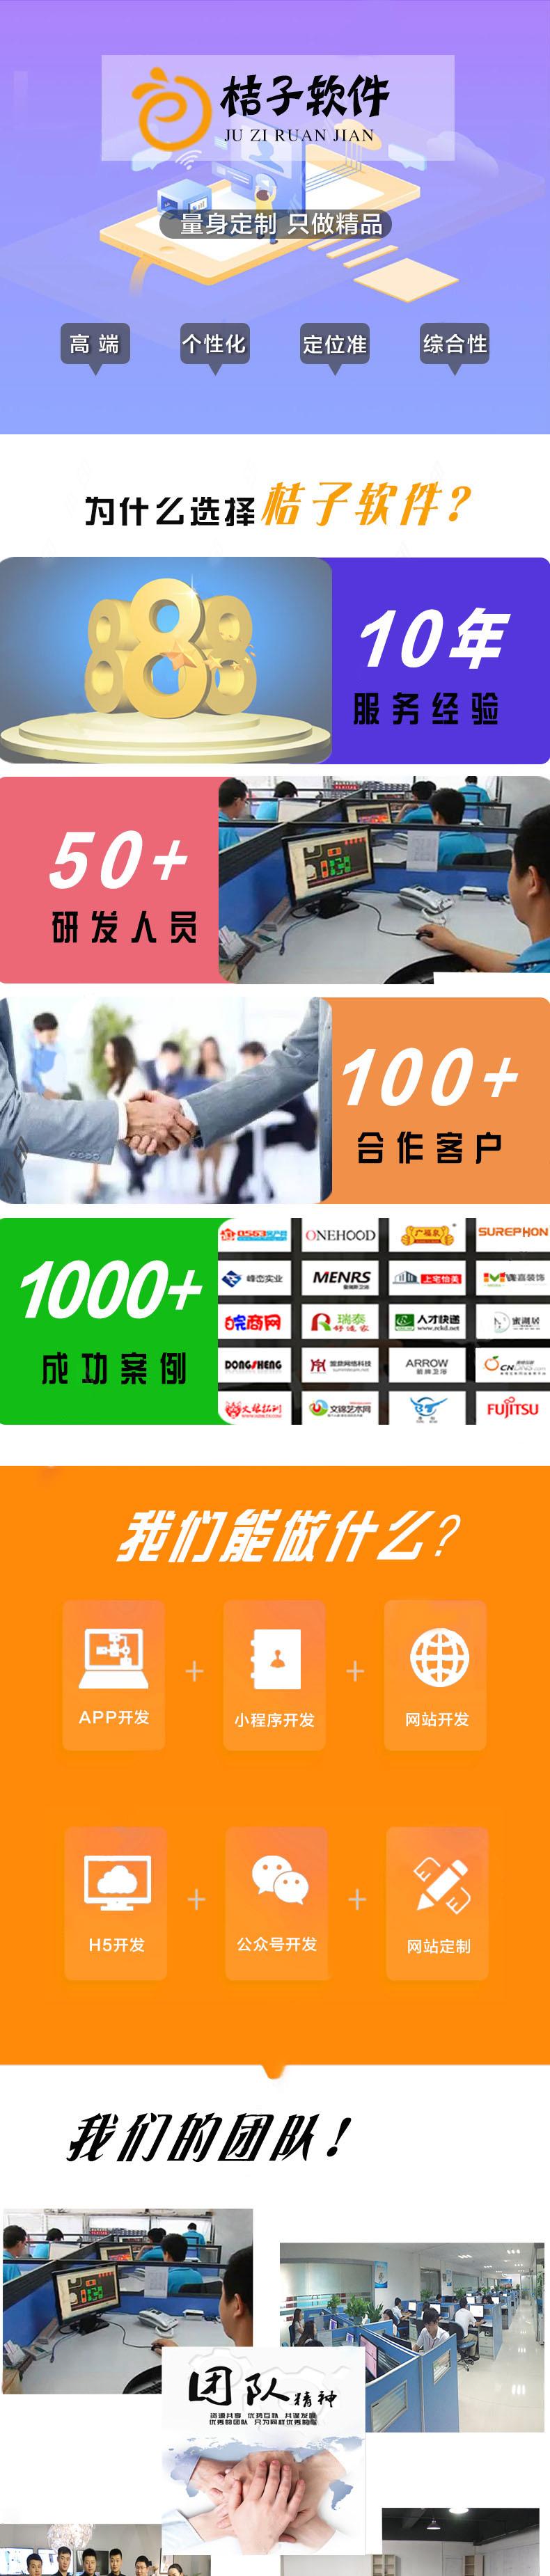 信管家/期货大盘软件/国际期货/MT4/博易大师源码/金融